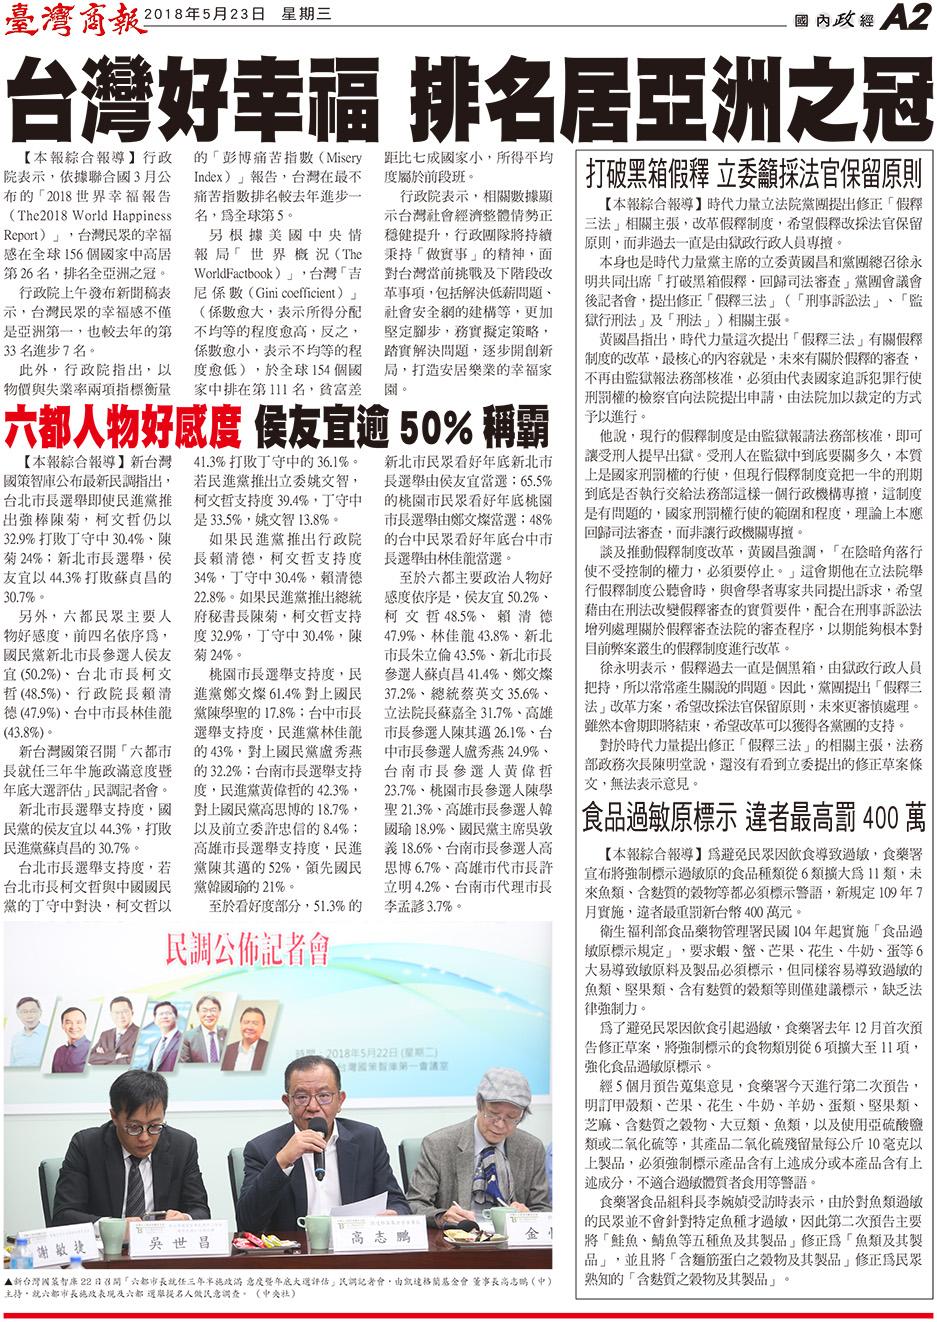 台灣好幸福 排名居亞洲之冠